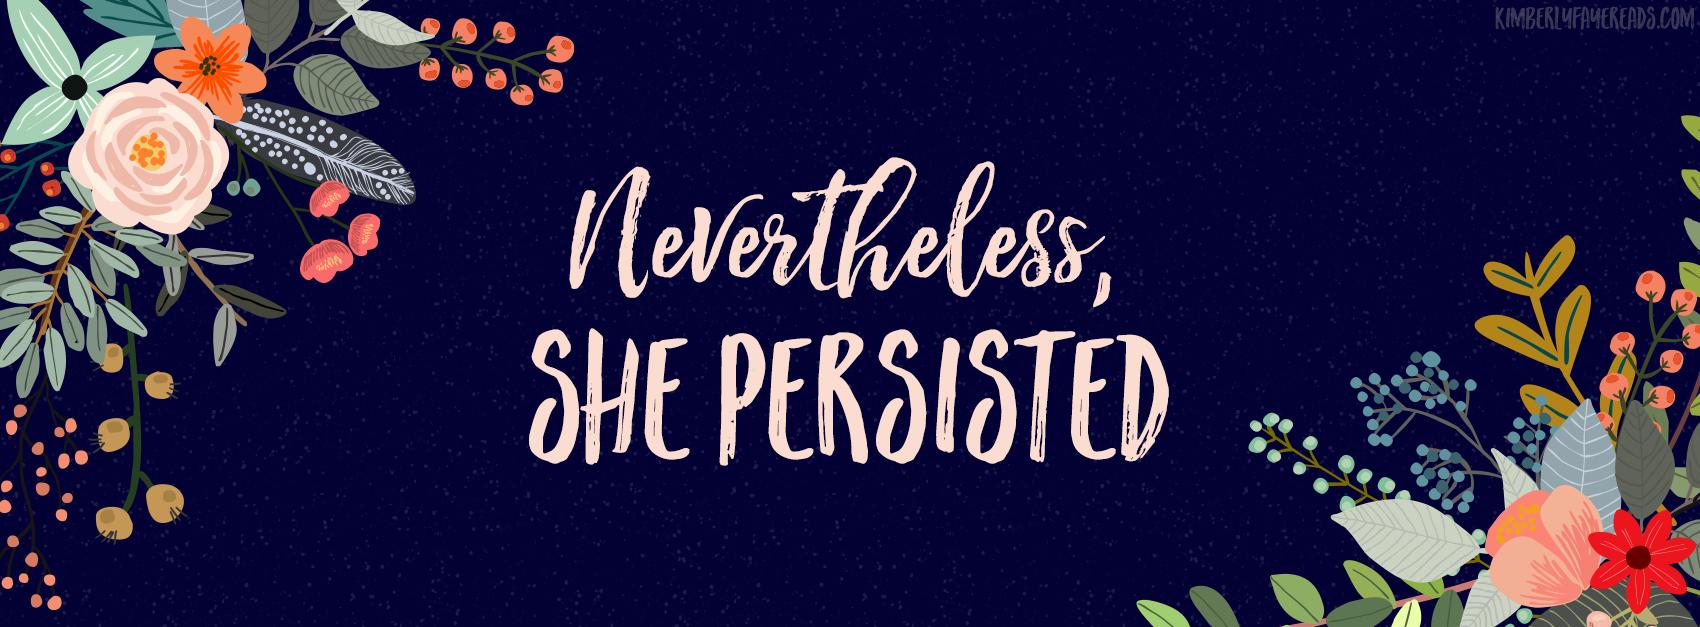 Nevertheless She Persisted Kimberlyfaye Reads